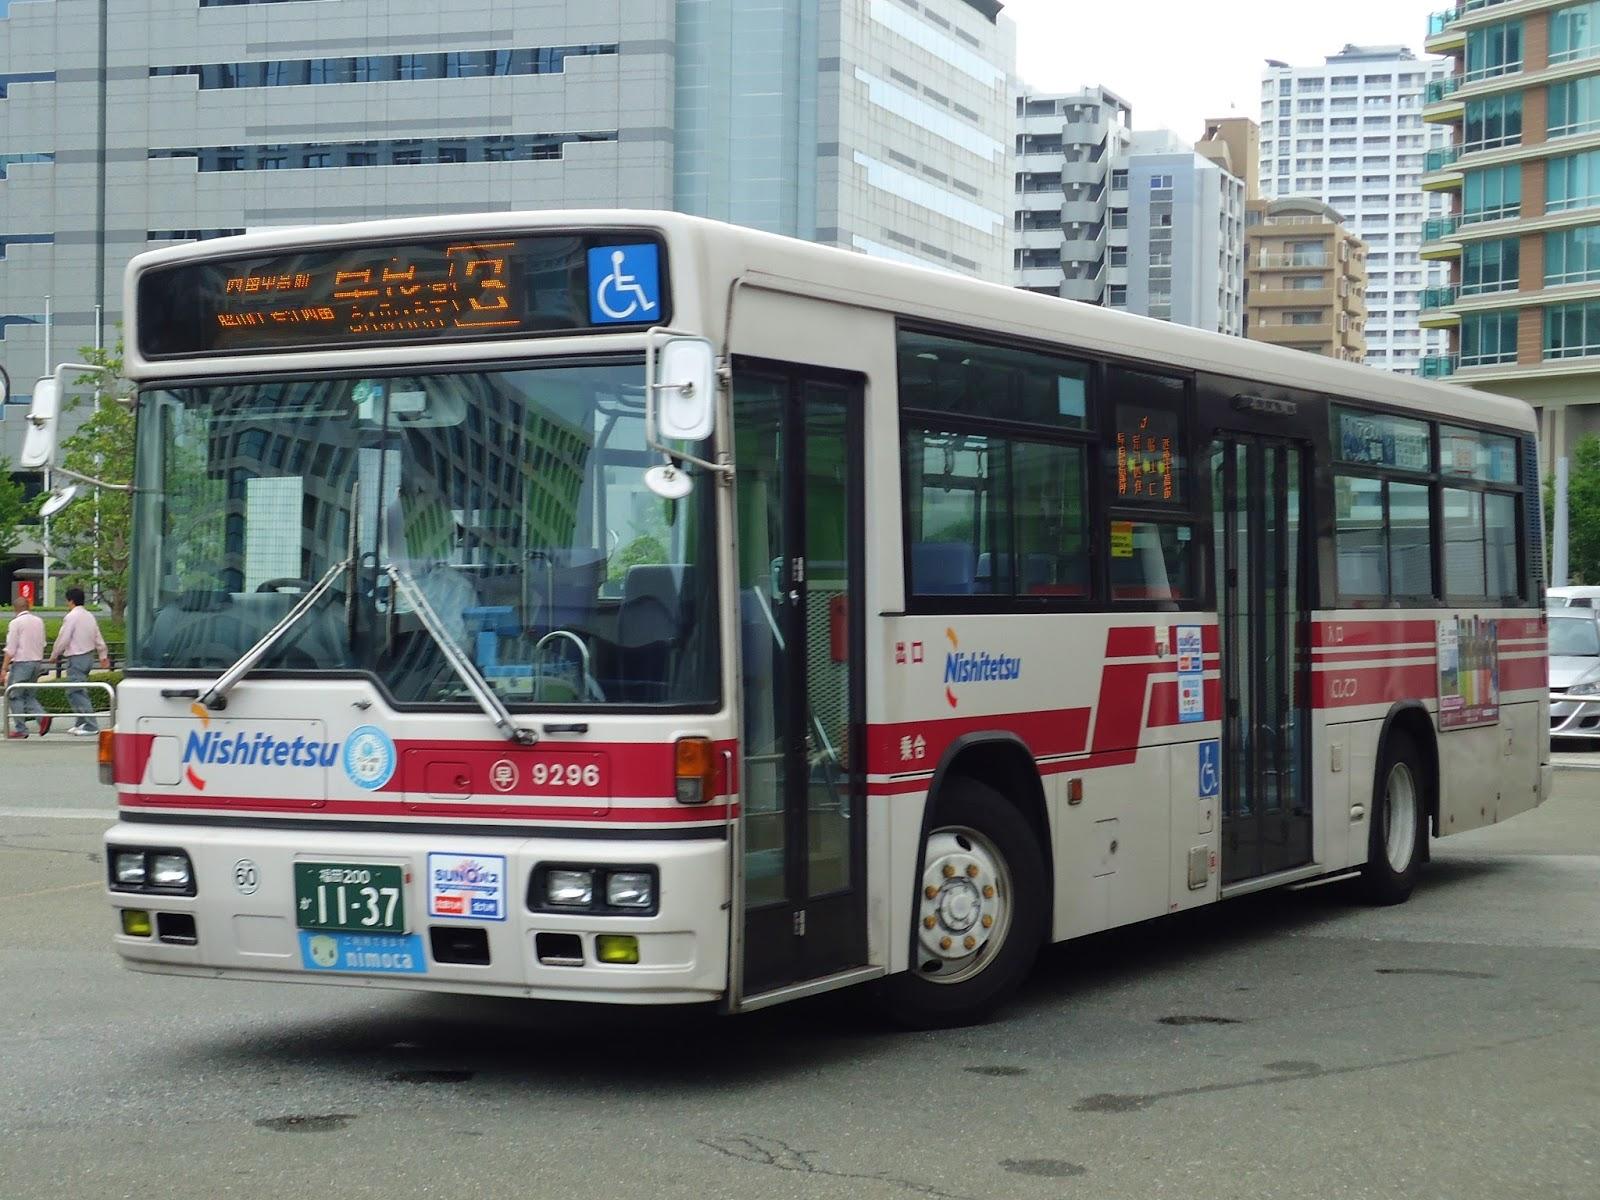 広島のバス: 西鉄バス 福岡200か1137